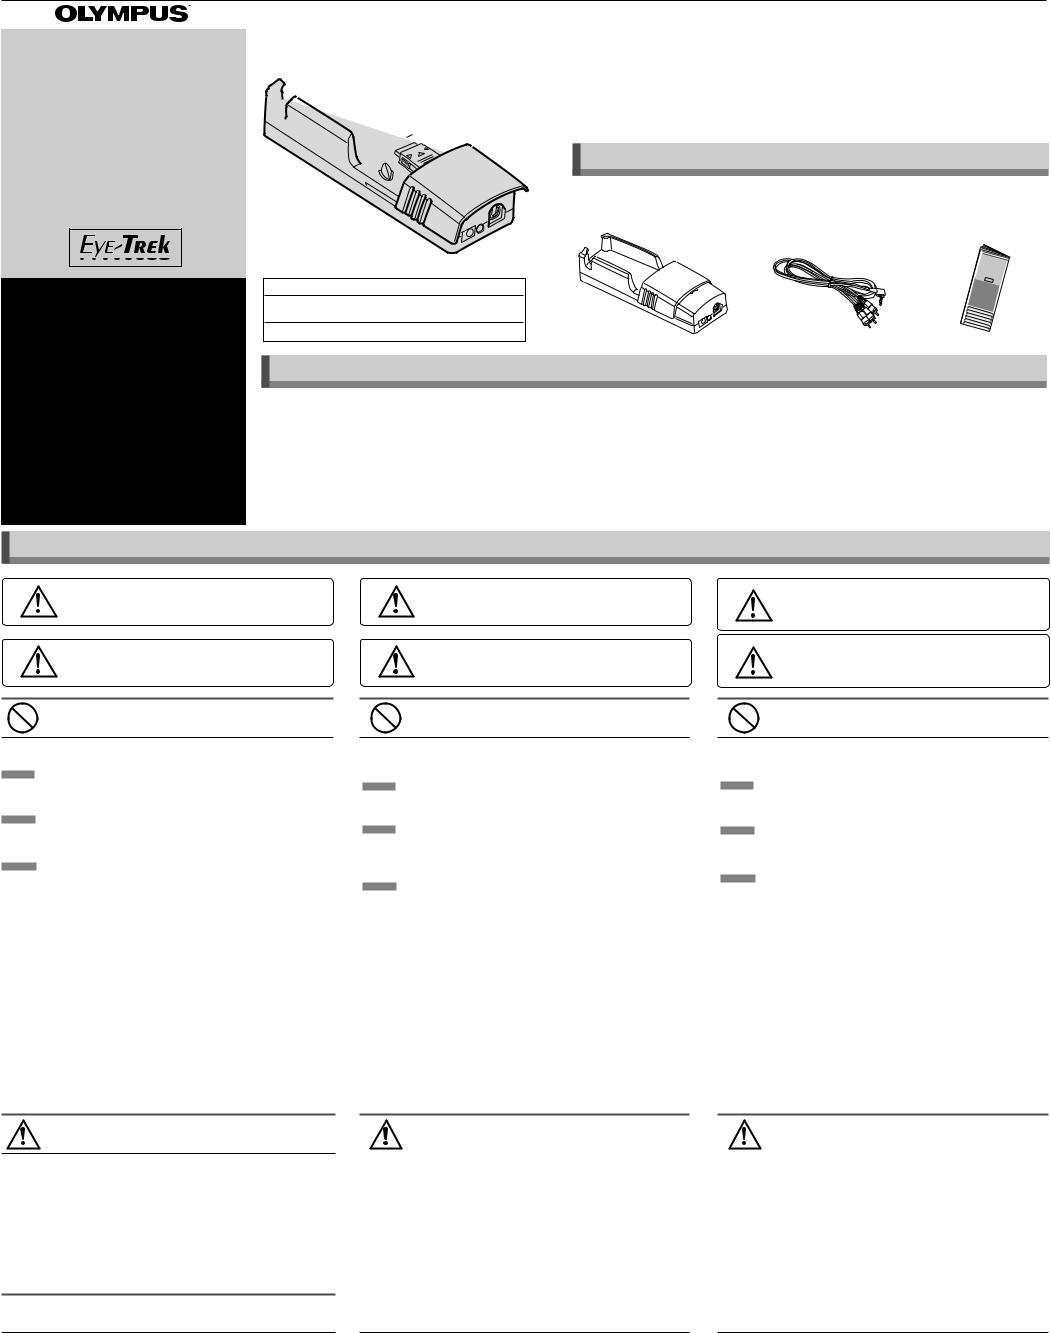 USB Cargador De Batería Para Olympus Camedia E-100RS SP-310 SP-320 SP-350 SP-500UZ